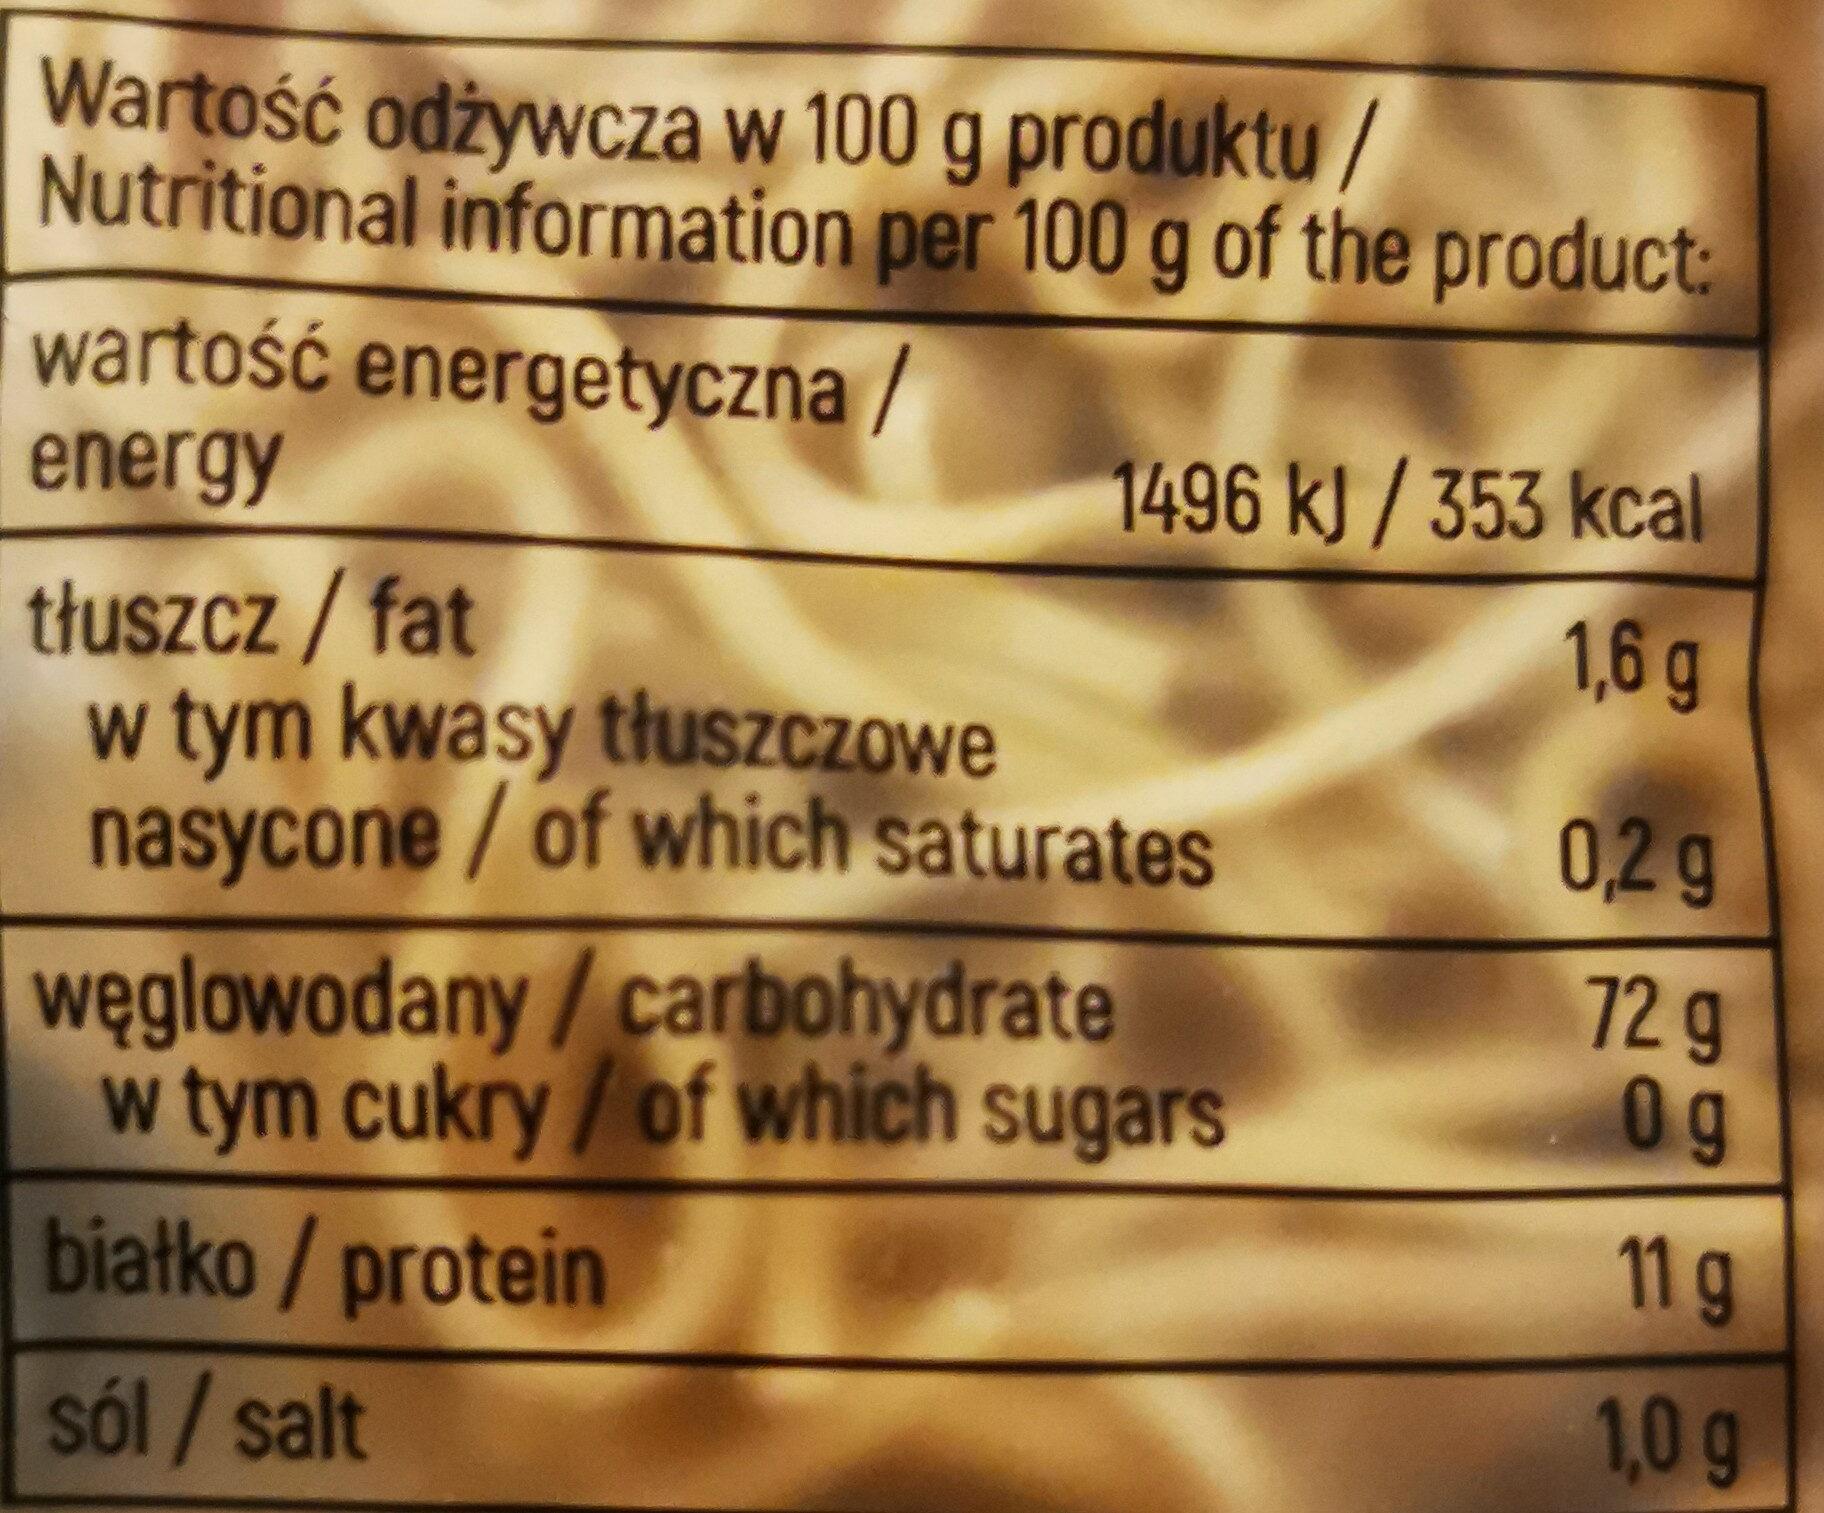 Makaron pszenny Mie - Wartości odżywcze - pl